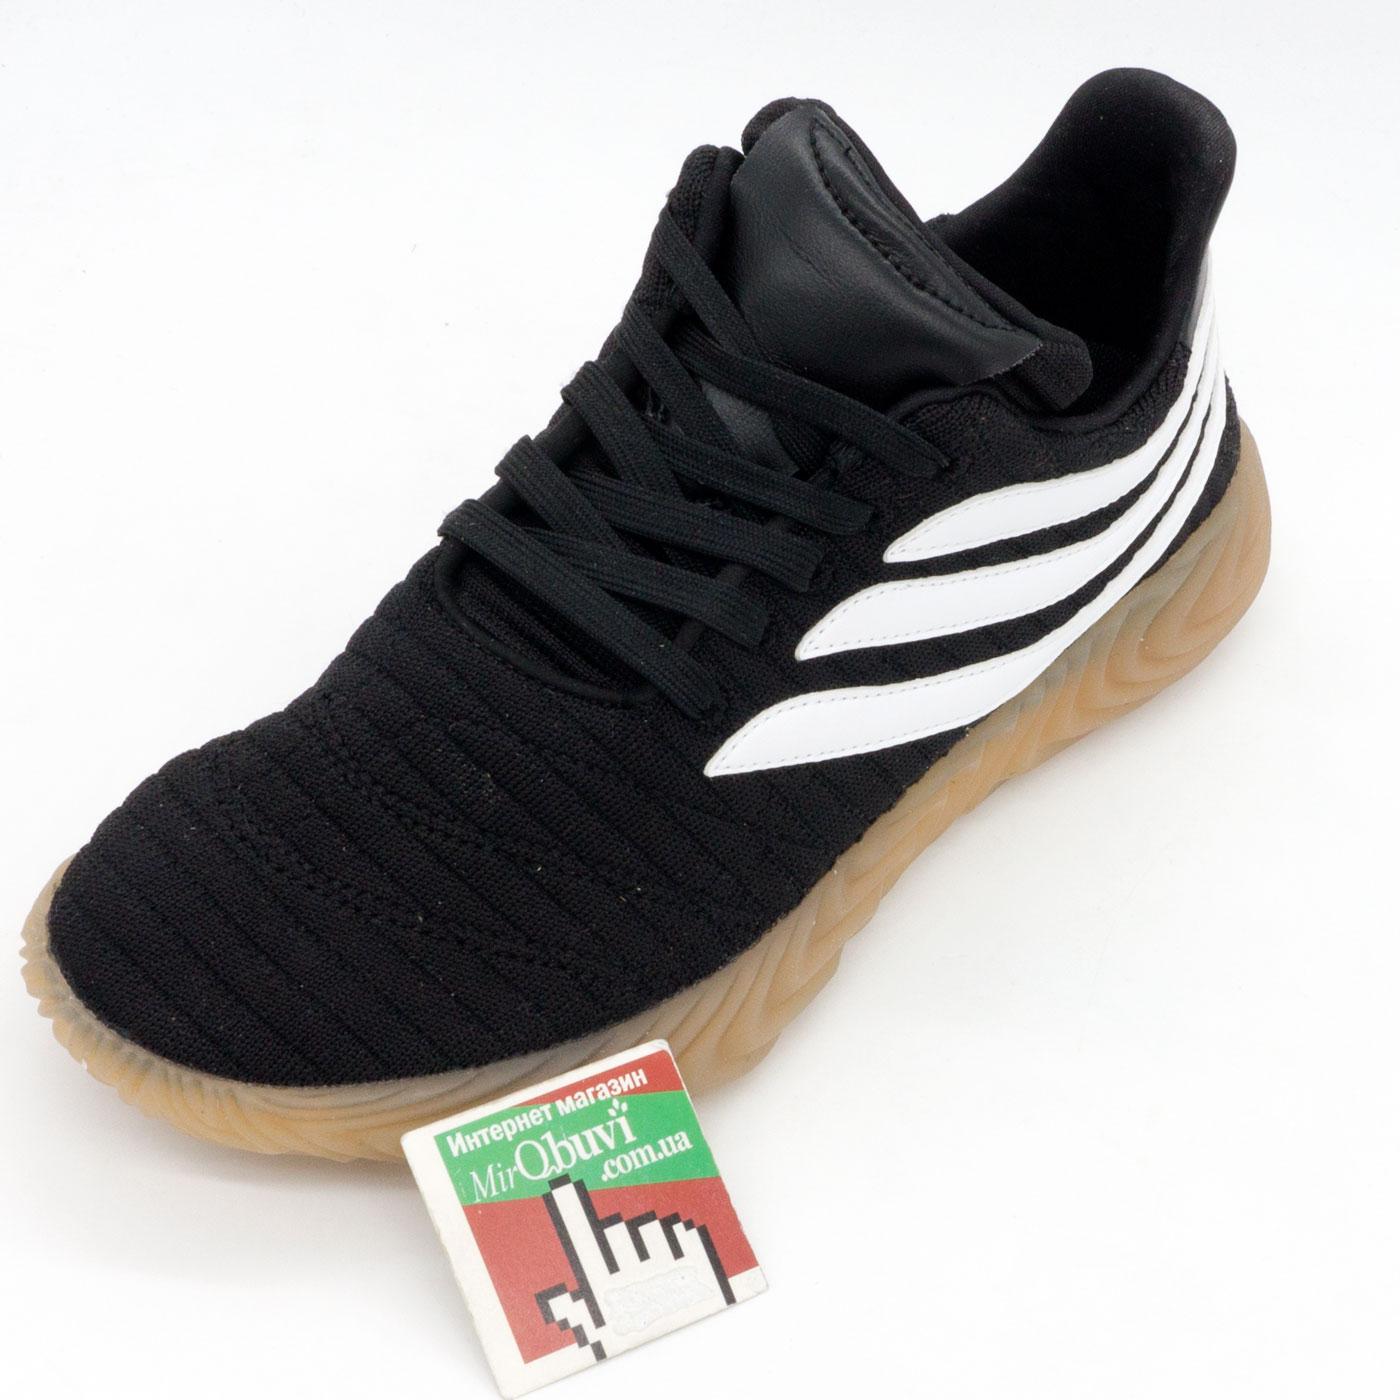 фото bottom Кроссовки Adidas Sobakov черные. Топ качество! bottom